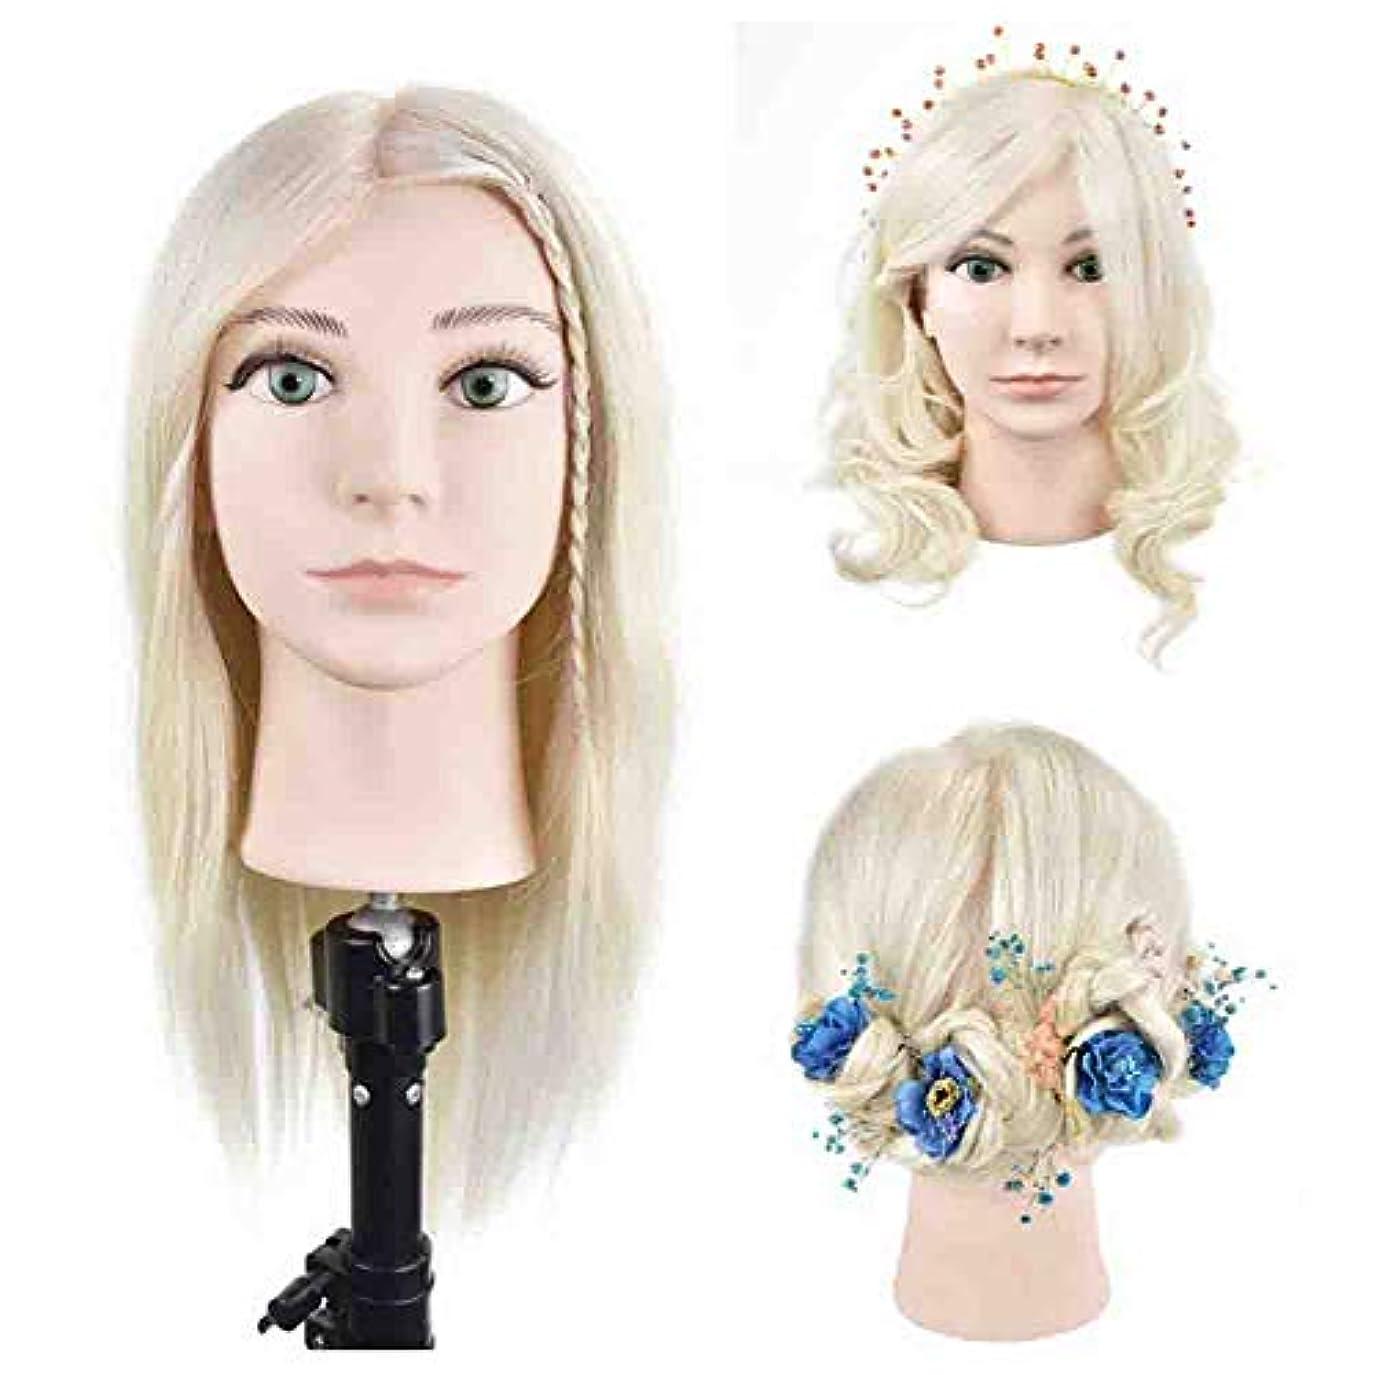 アスペクト重要なに関してサロン散髪練習ヘッドモデルメイク学校編組髪開発学習モデルヘッドヘアストレートロングかつら